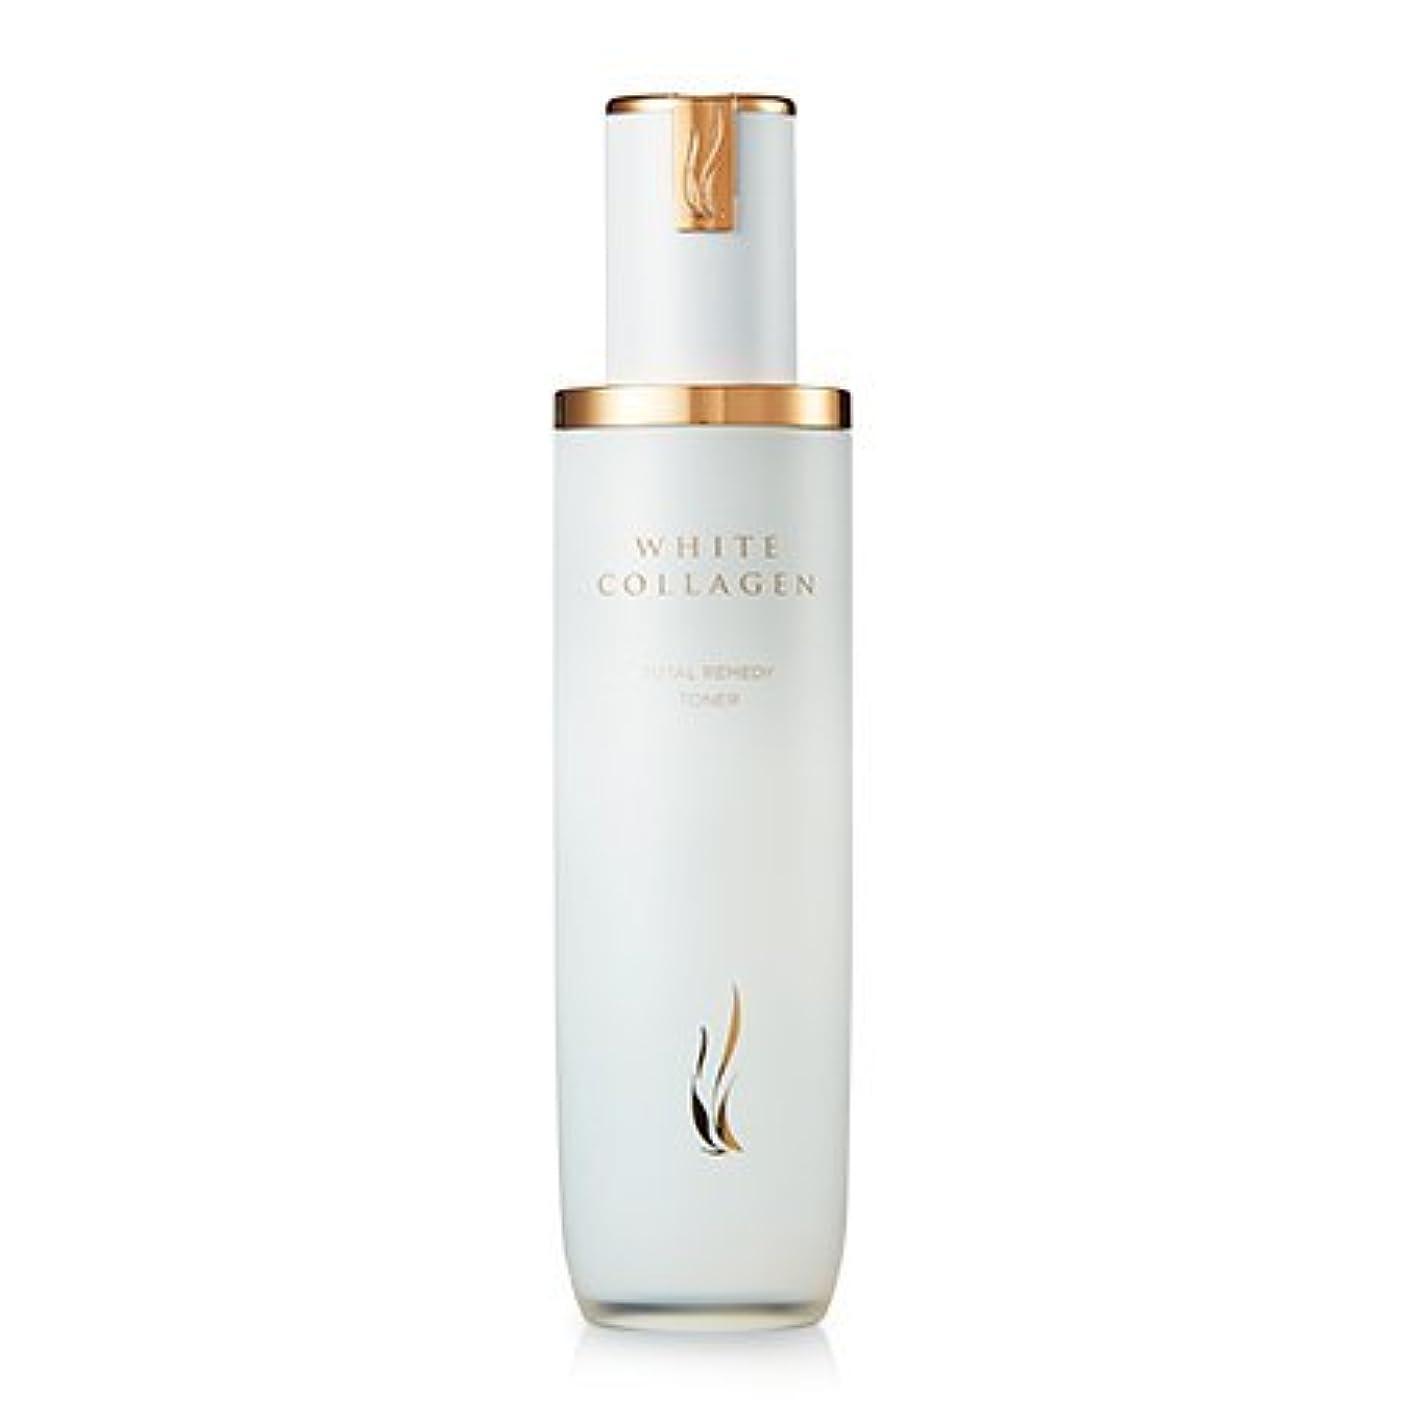 ナット郵便屋さんガイドライン[New] A.H.C (AHC) White Collagen Total Remedy Toner 130ml/A.H.C ホワイト コラーゲン トータル レミディ トナー 130ml [並行輸入品]